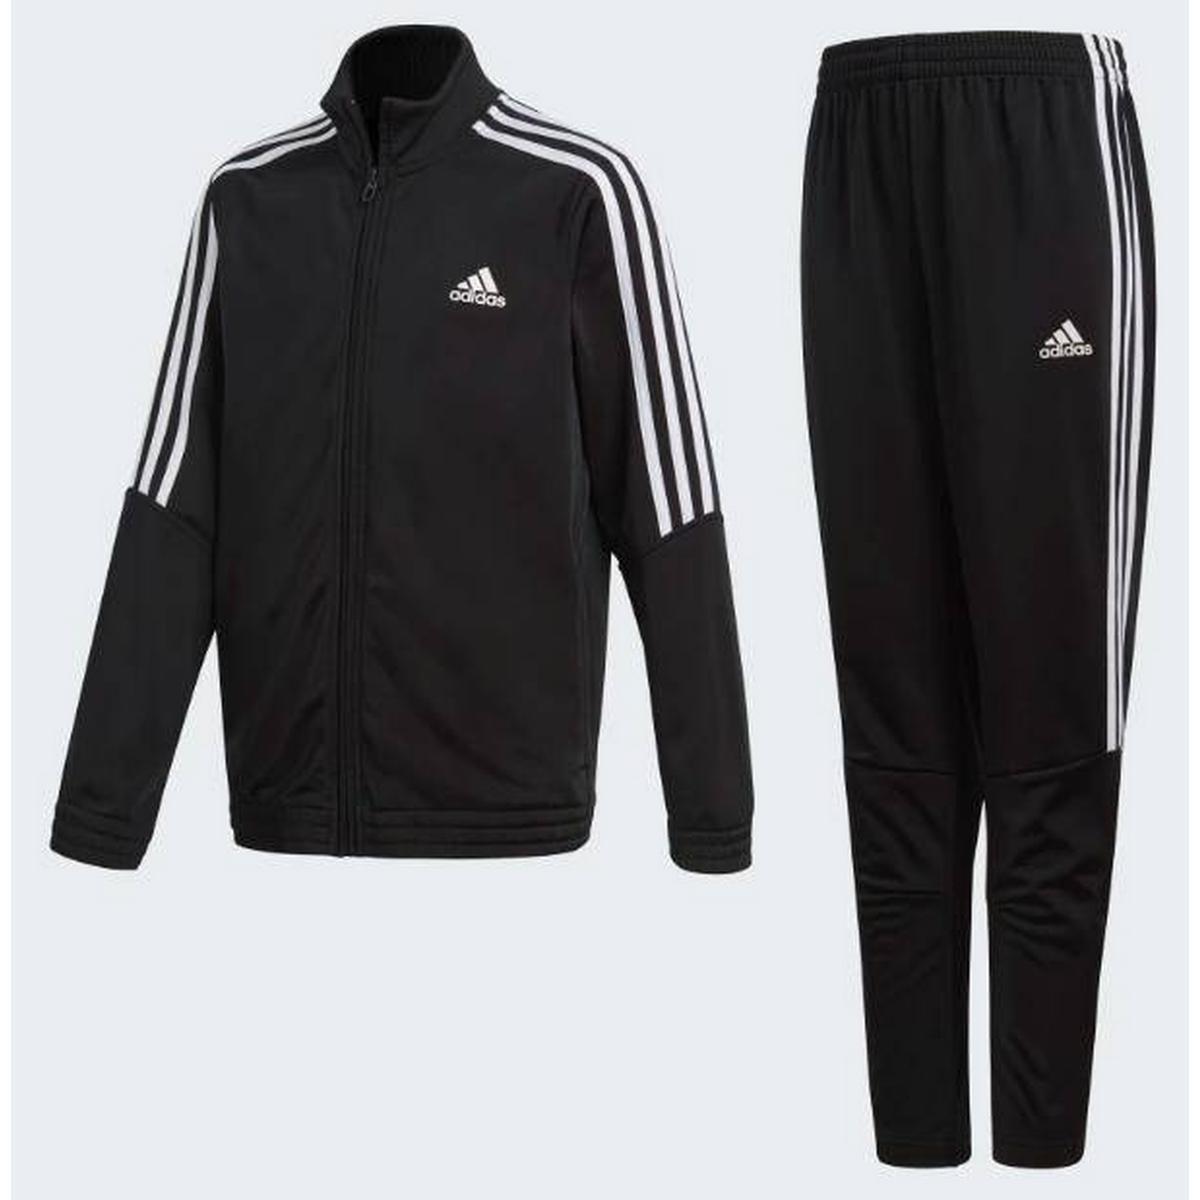 Adidas Børn Sportstøj Sammenlign priser hos PriceRunner